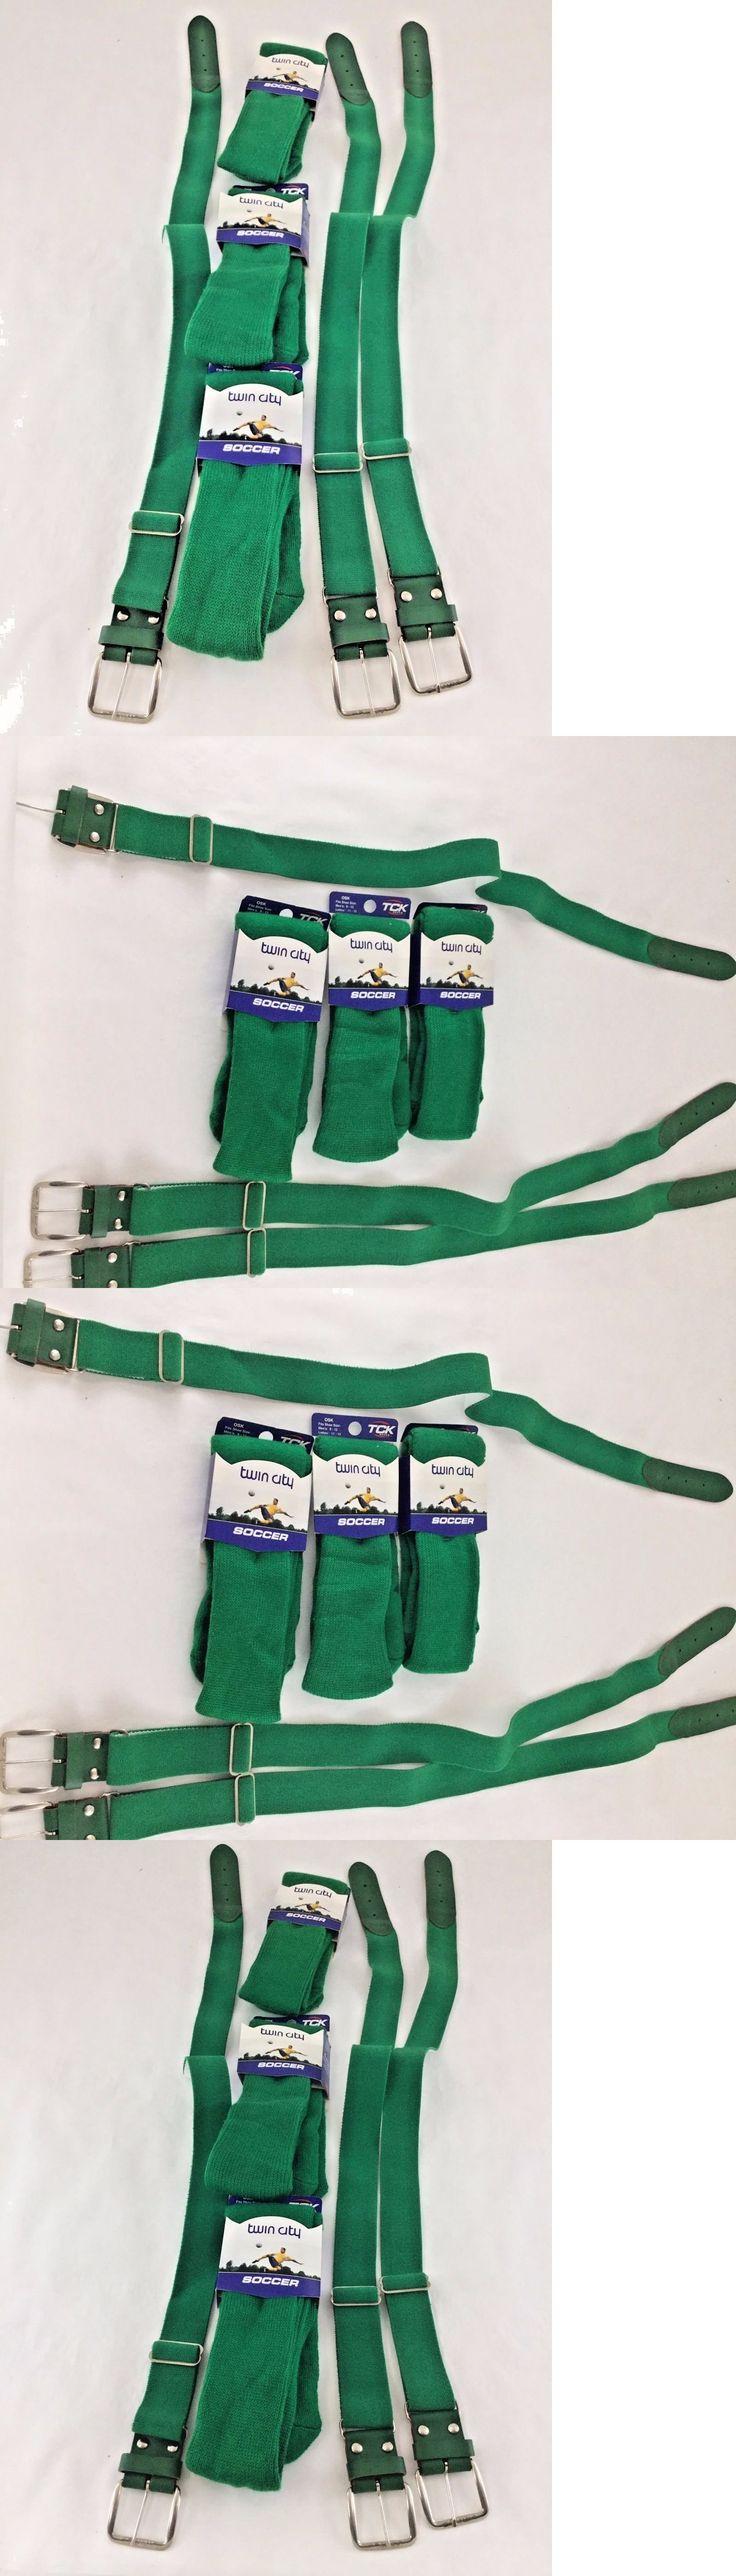 Baseball Socks 181338: Twin City Tube Socks And Elastic Belt 3 Pack Green -> BUY IT NOW ONLY: $32.99 on eBay!